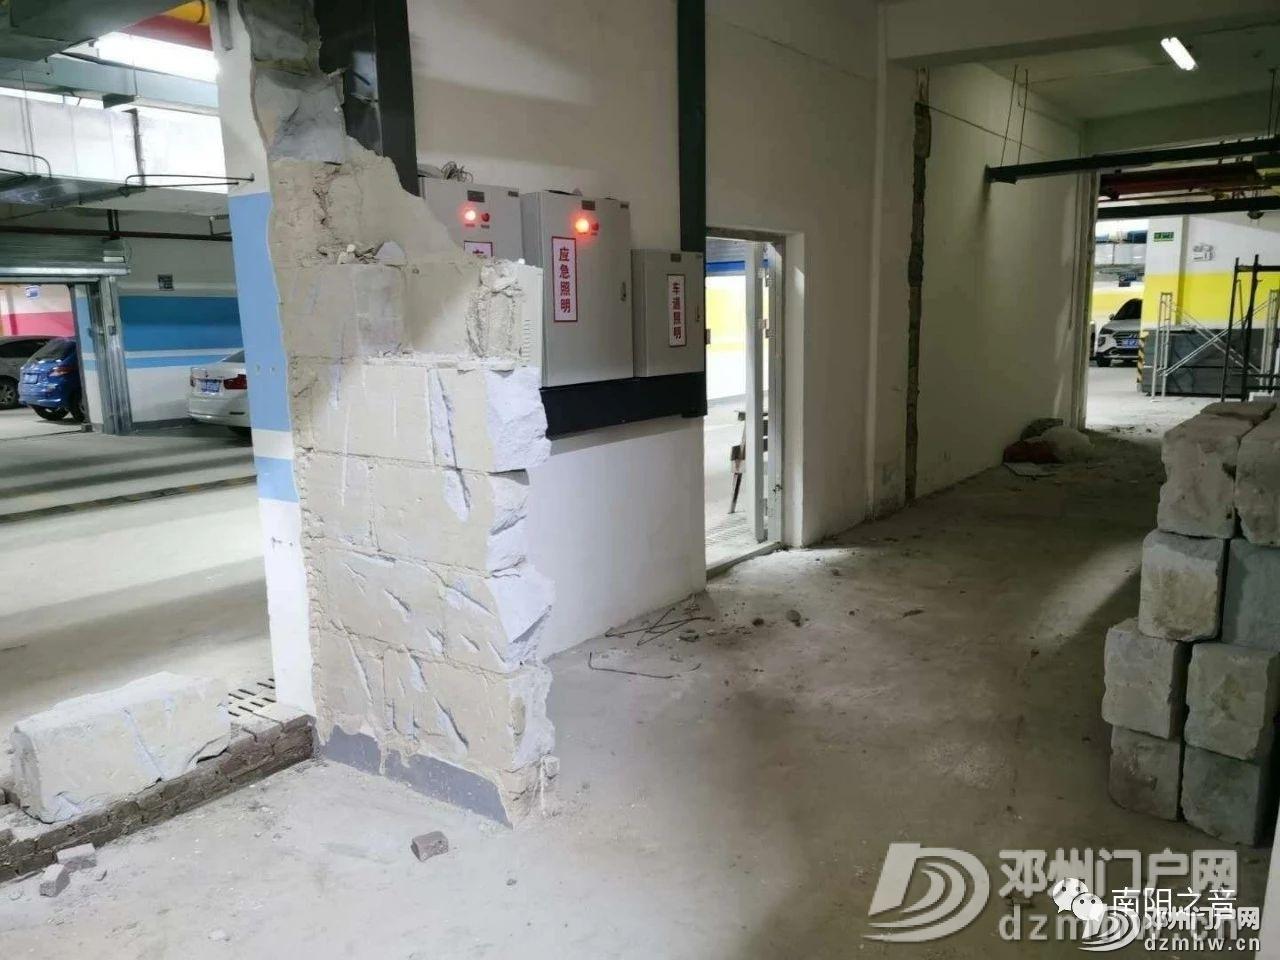 邓州东边某小区因买卖车位,改造车库被多名业主投诉举报! - 邓州门户网|邓州网 - ef5dc8f6cf6de2e75996366efbddd6ec.jpg